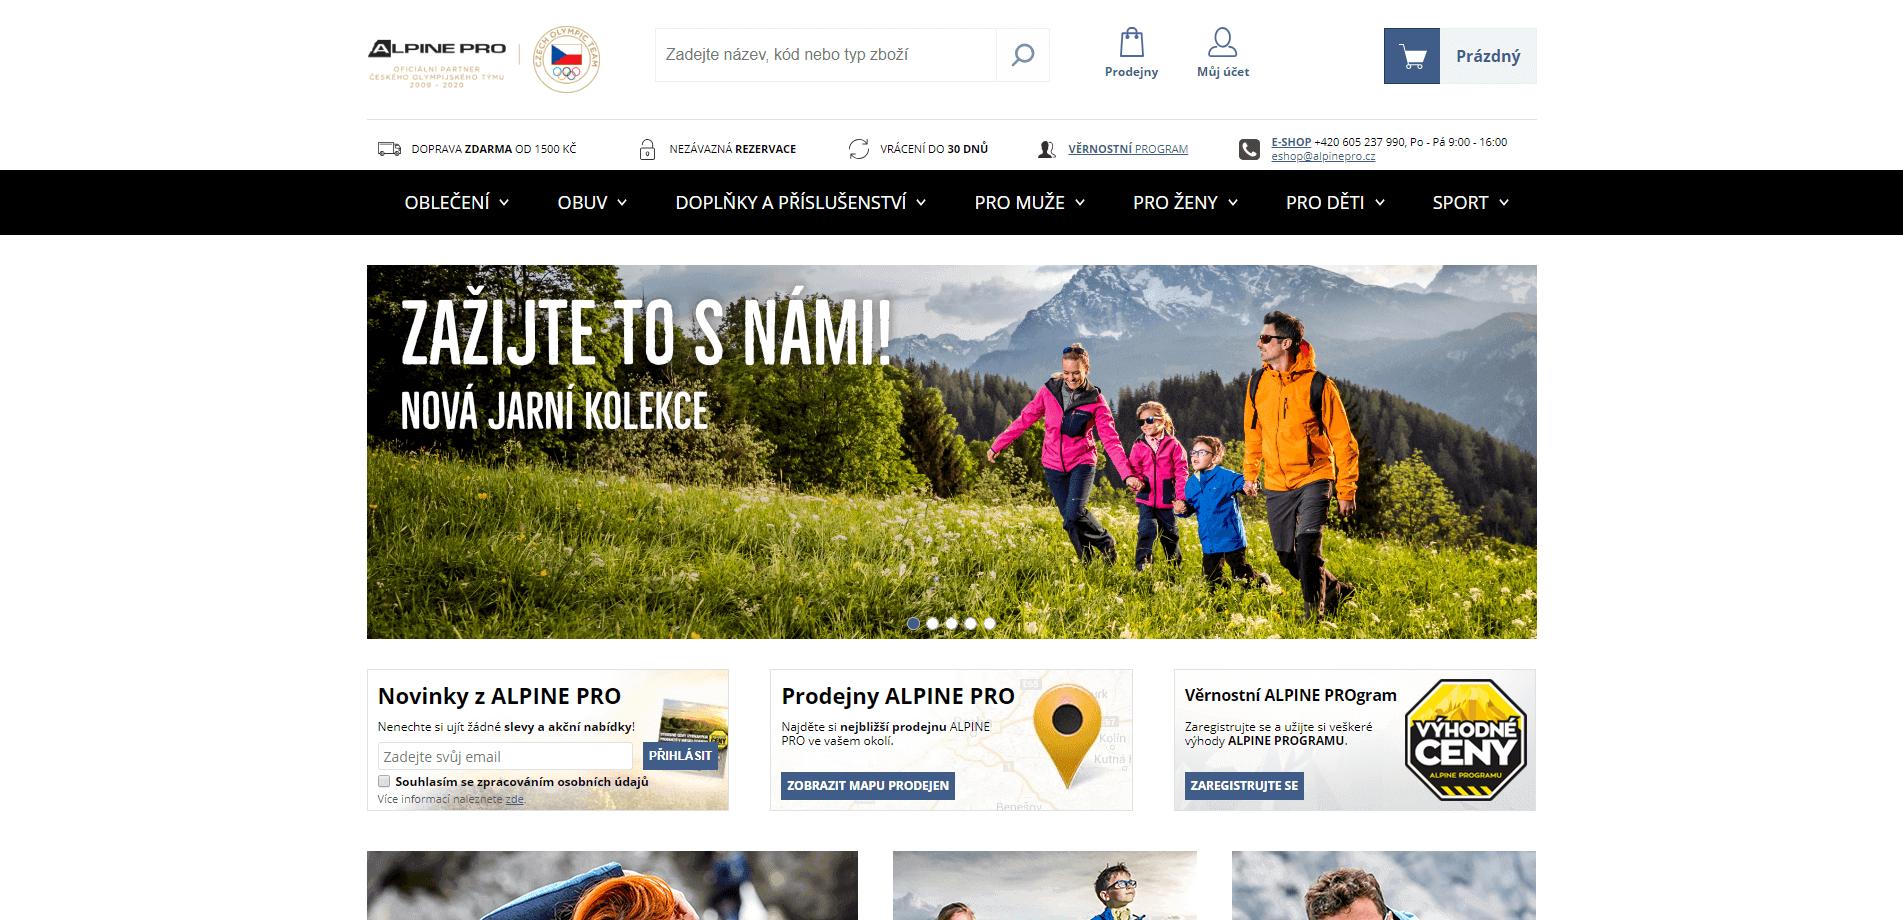 Alpinepro купити онлайн з доставкою в Україну - myMeest - 2